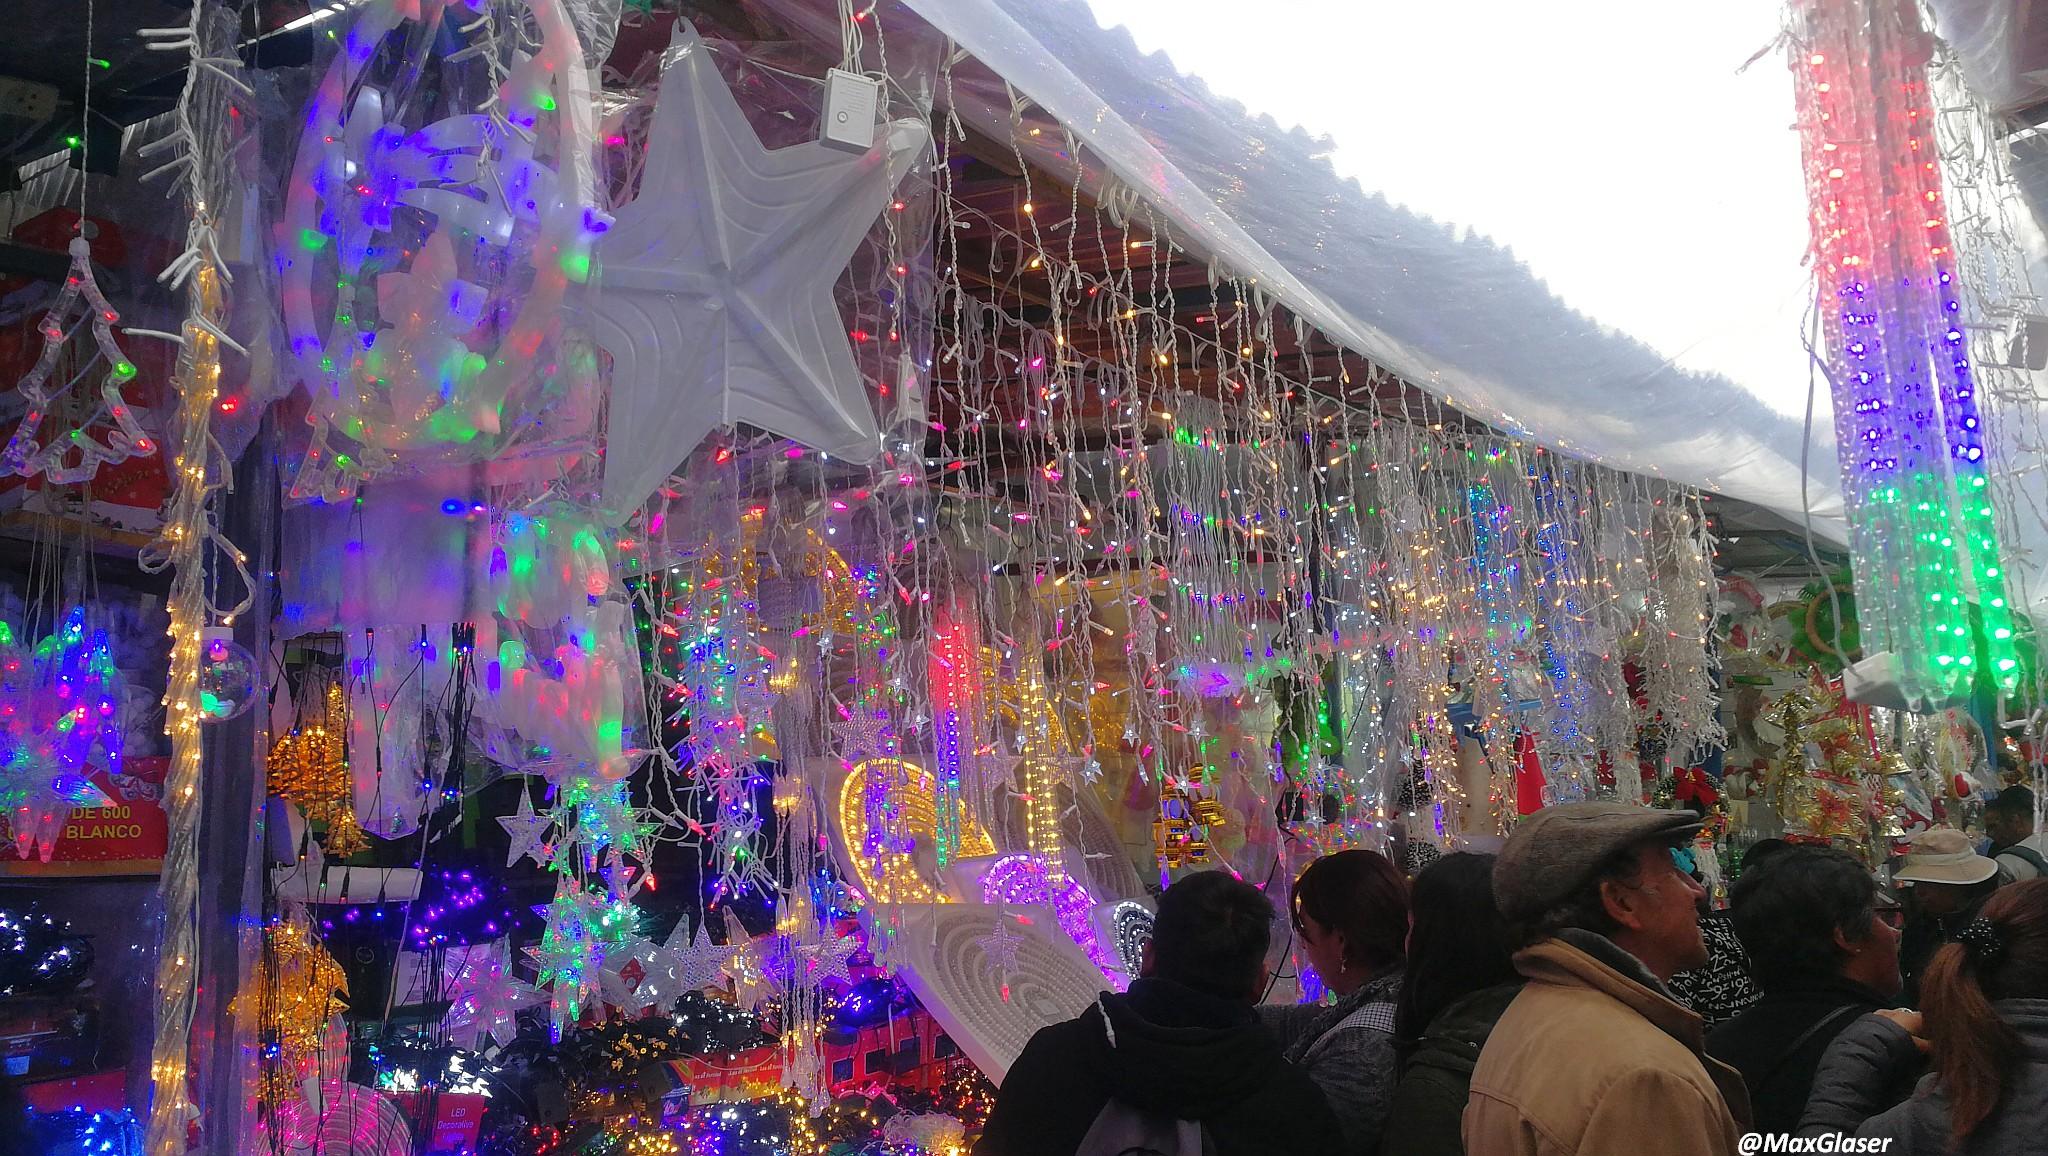 Puesto de luces en la Feria Navideña de La Paz 2019